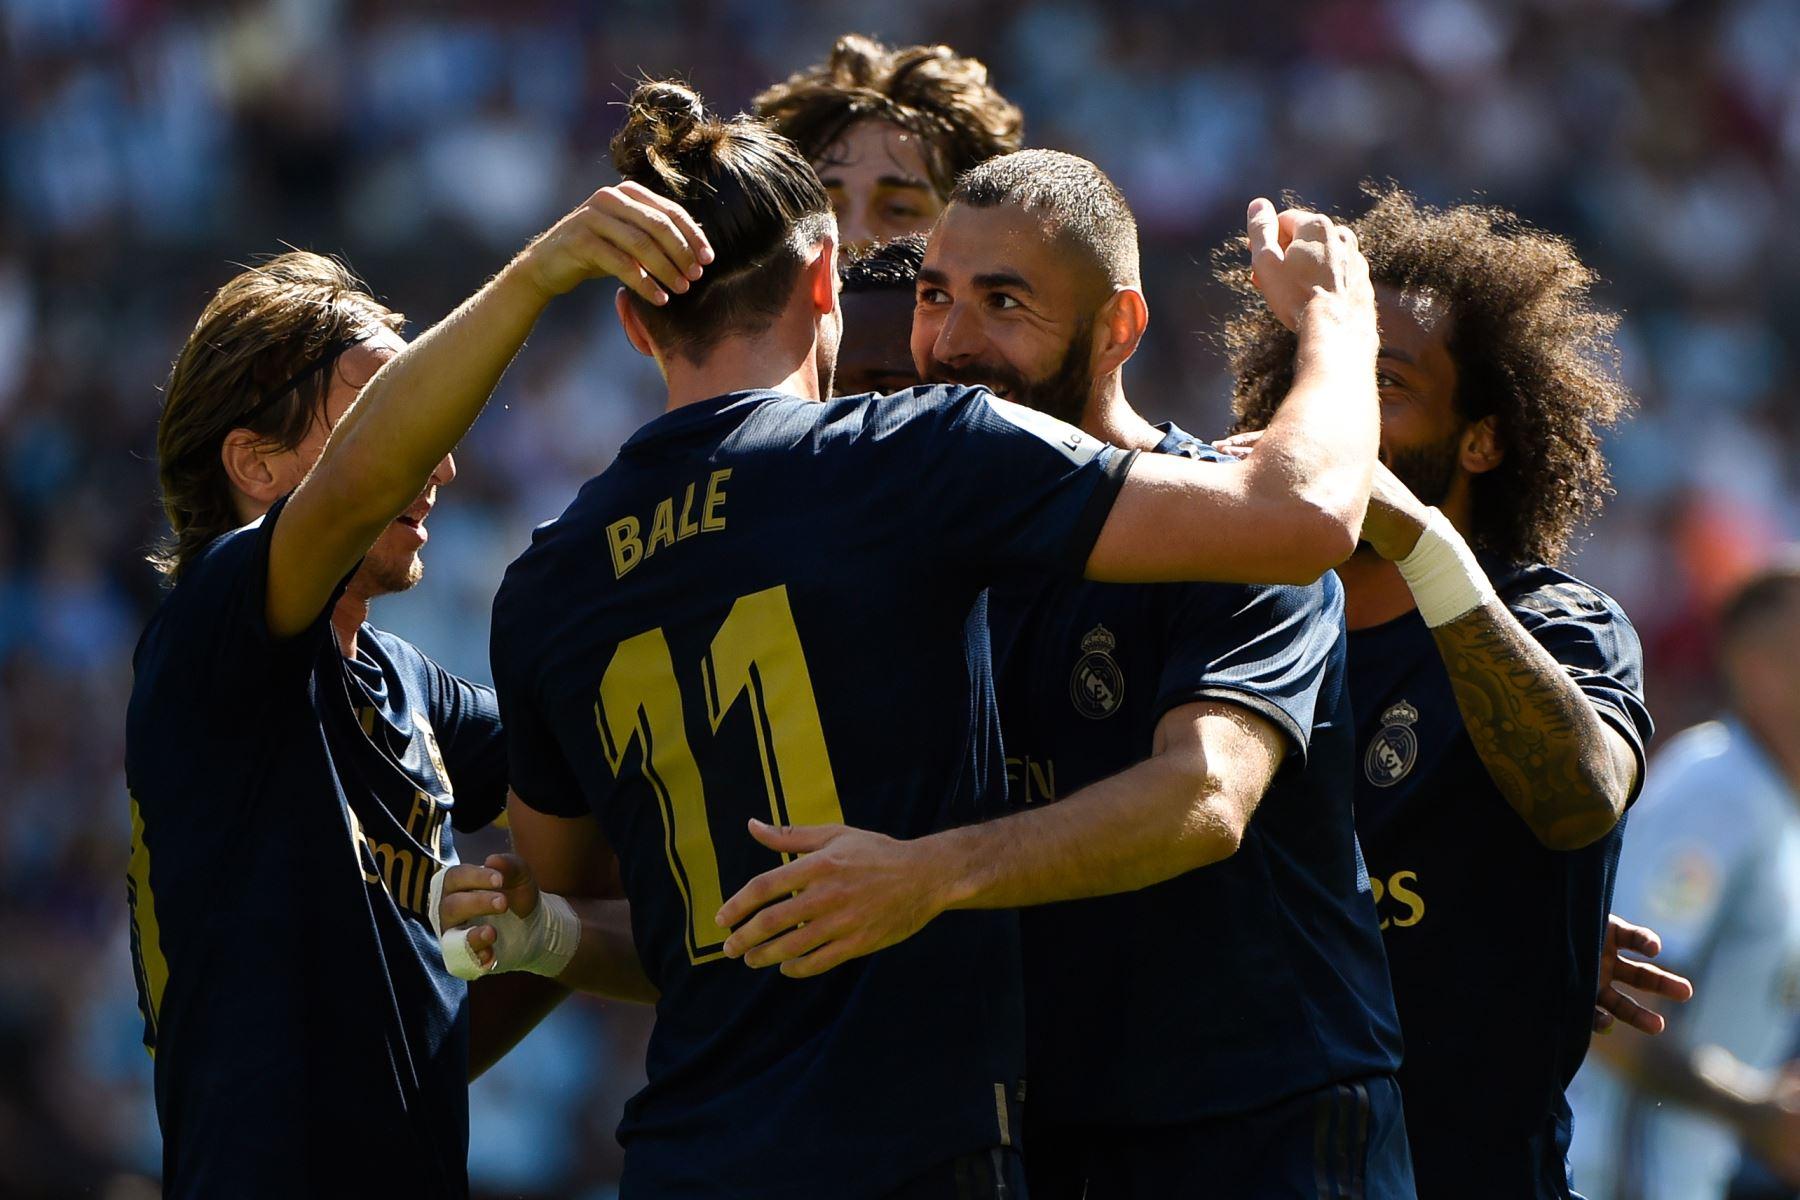 El delantero francés del Real Madrid Karim Benzema (C) celebra con sus compañeros de equipo después de marcar un gol durante el partido de fútbol de la Liga española entre el Celta de Vigo y el Real Madrid. Foto: AFP